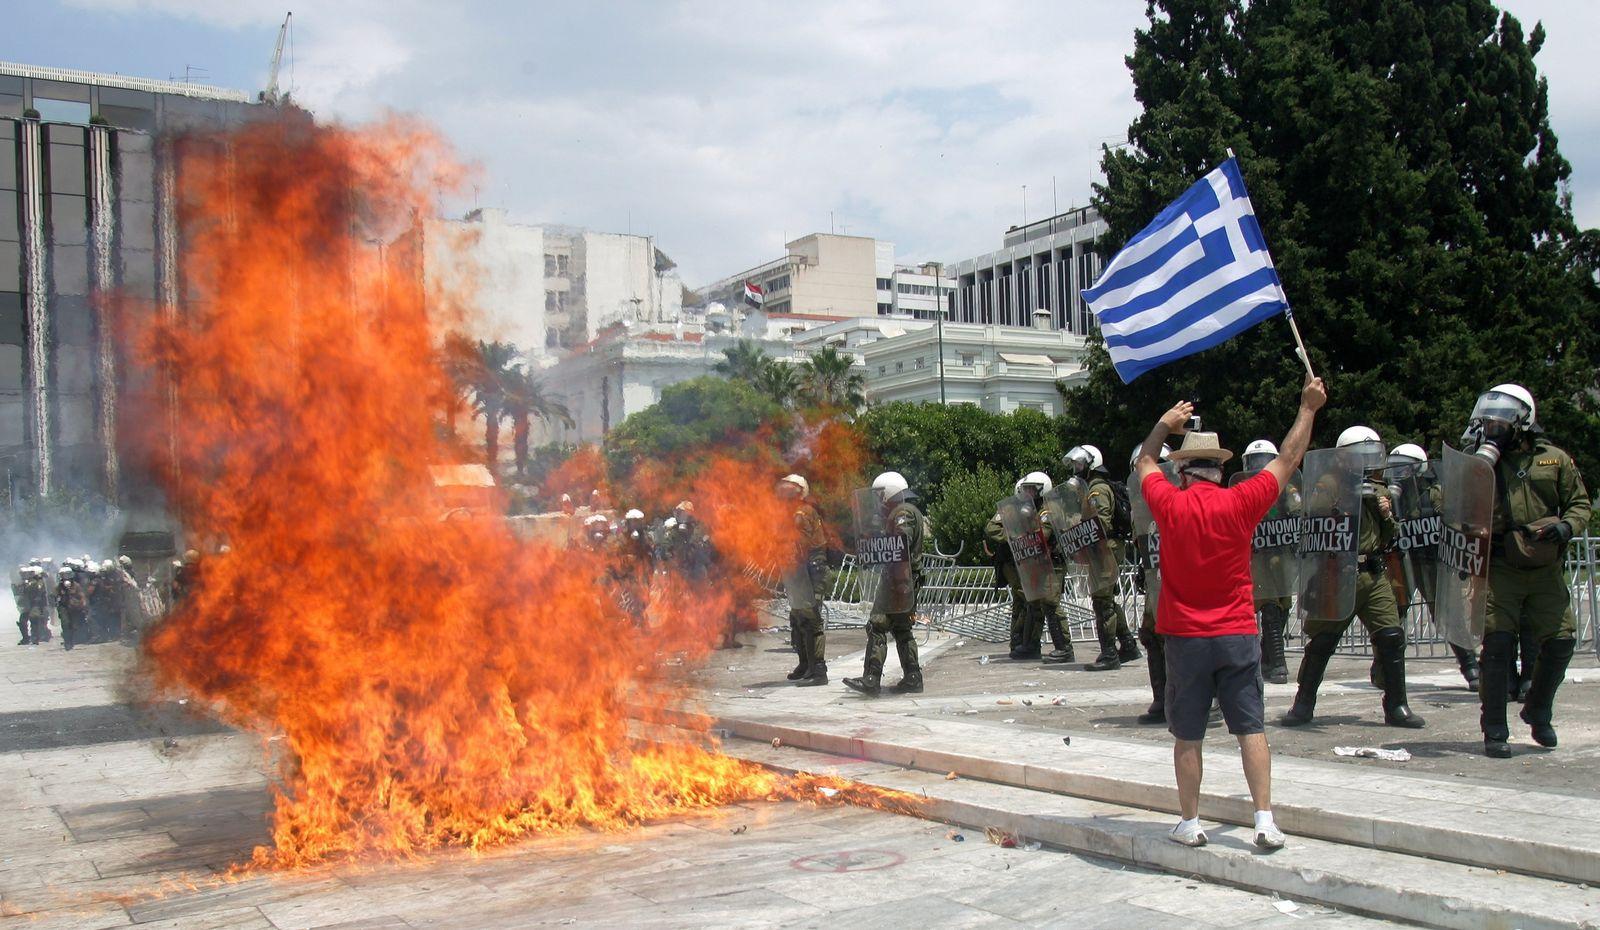 Athen / Proteste